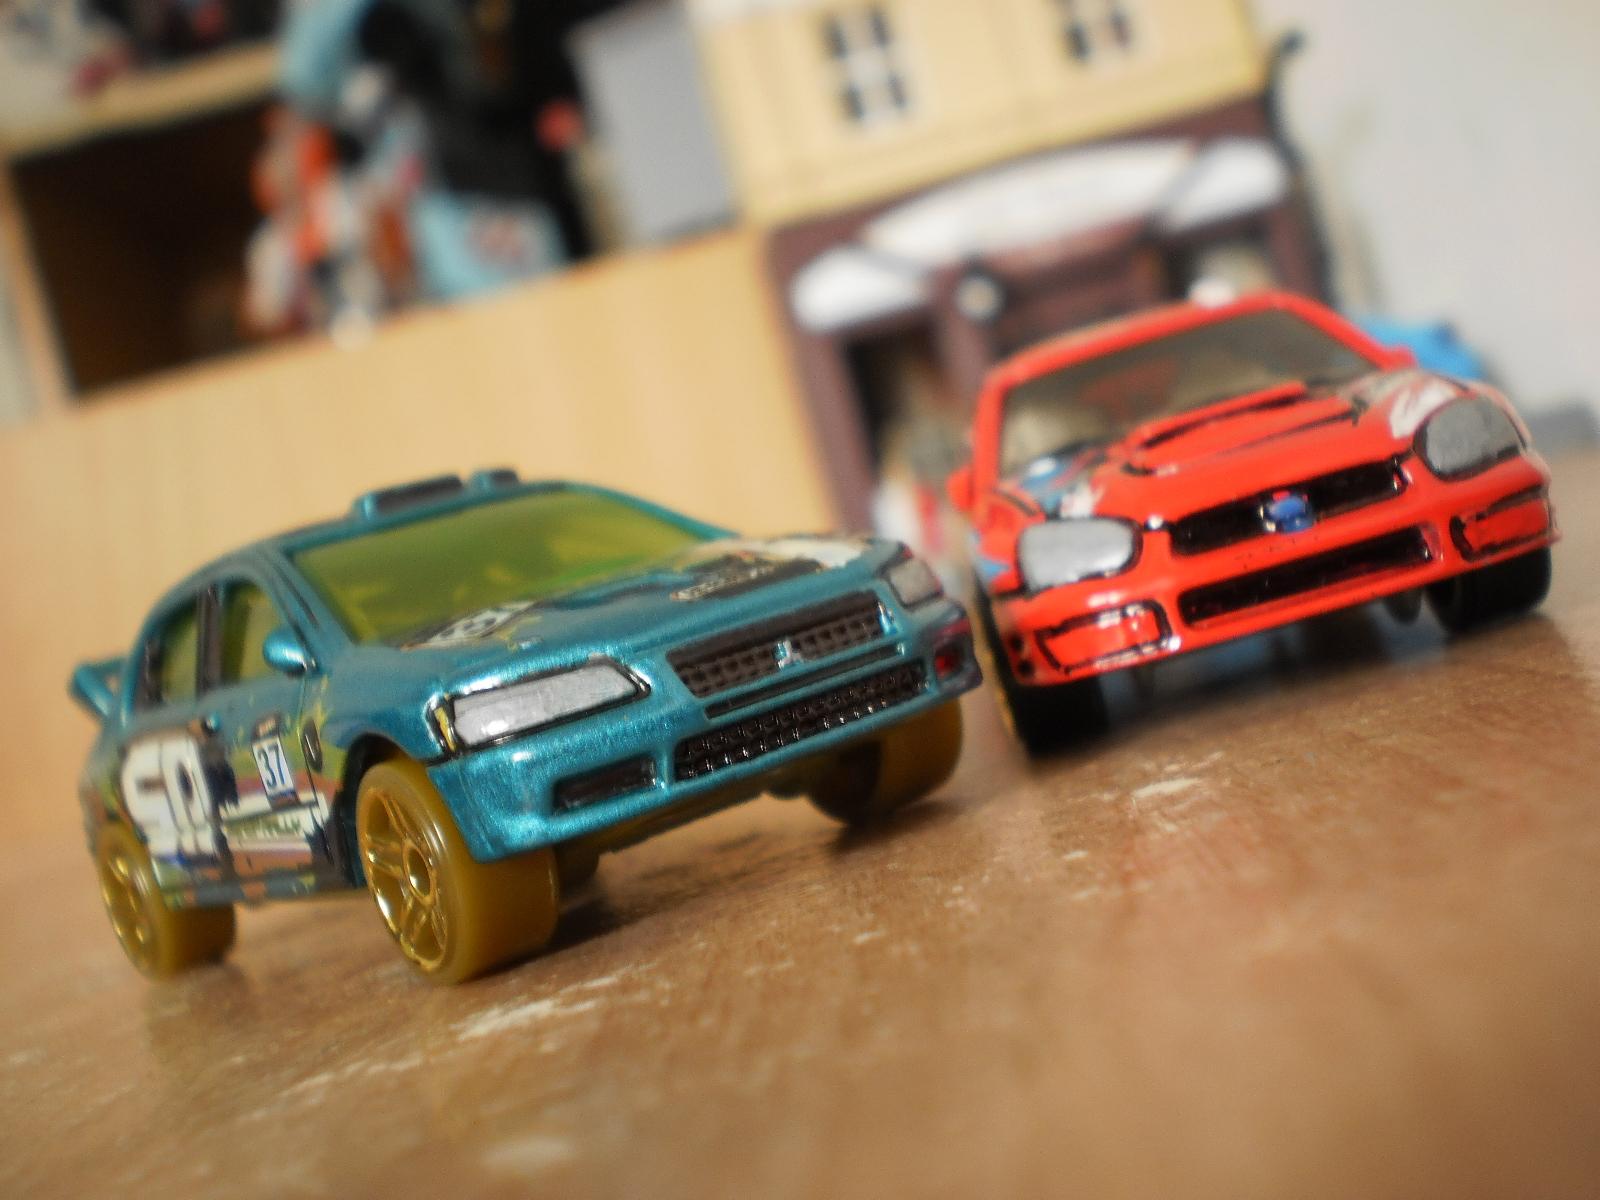 2247fbce7c77fdddc5608681b5902778 Elegant Bugatti Veyron toy Car Hot Wheels Cars Trend